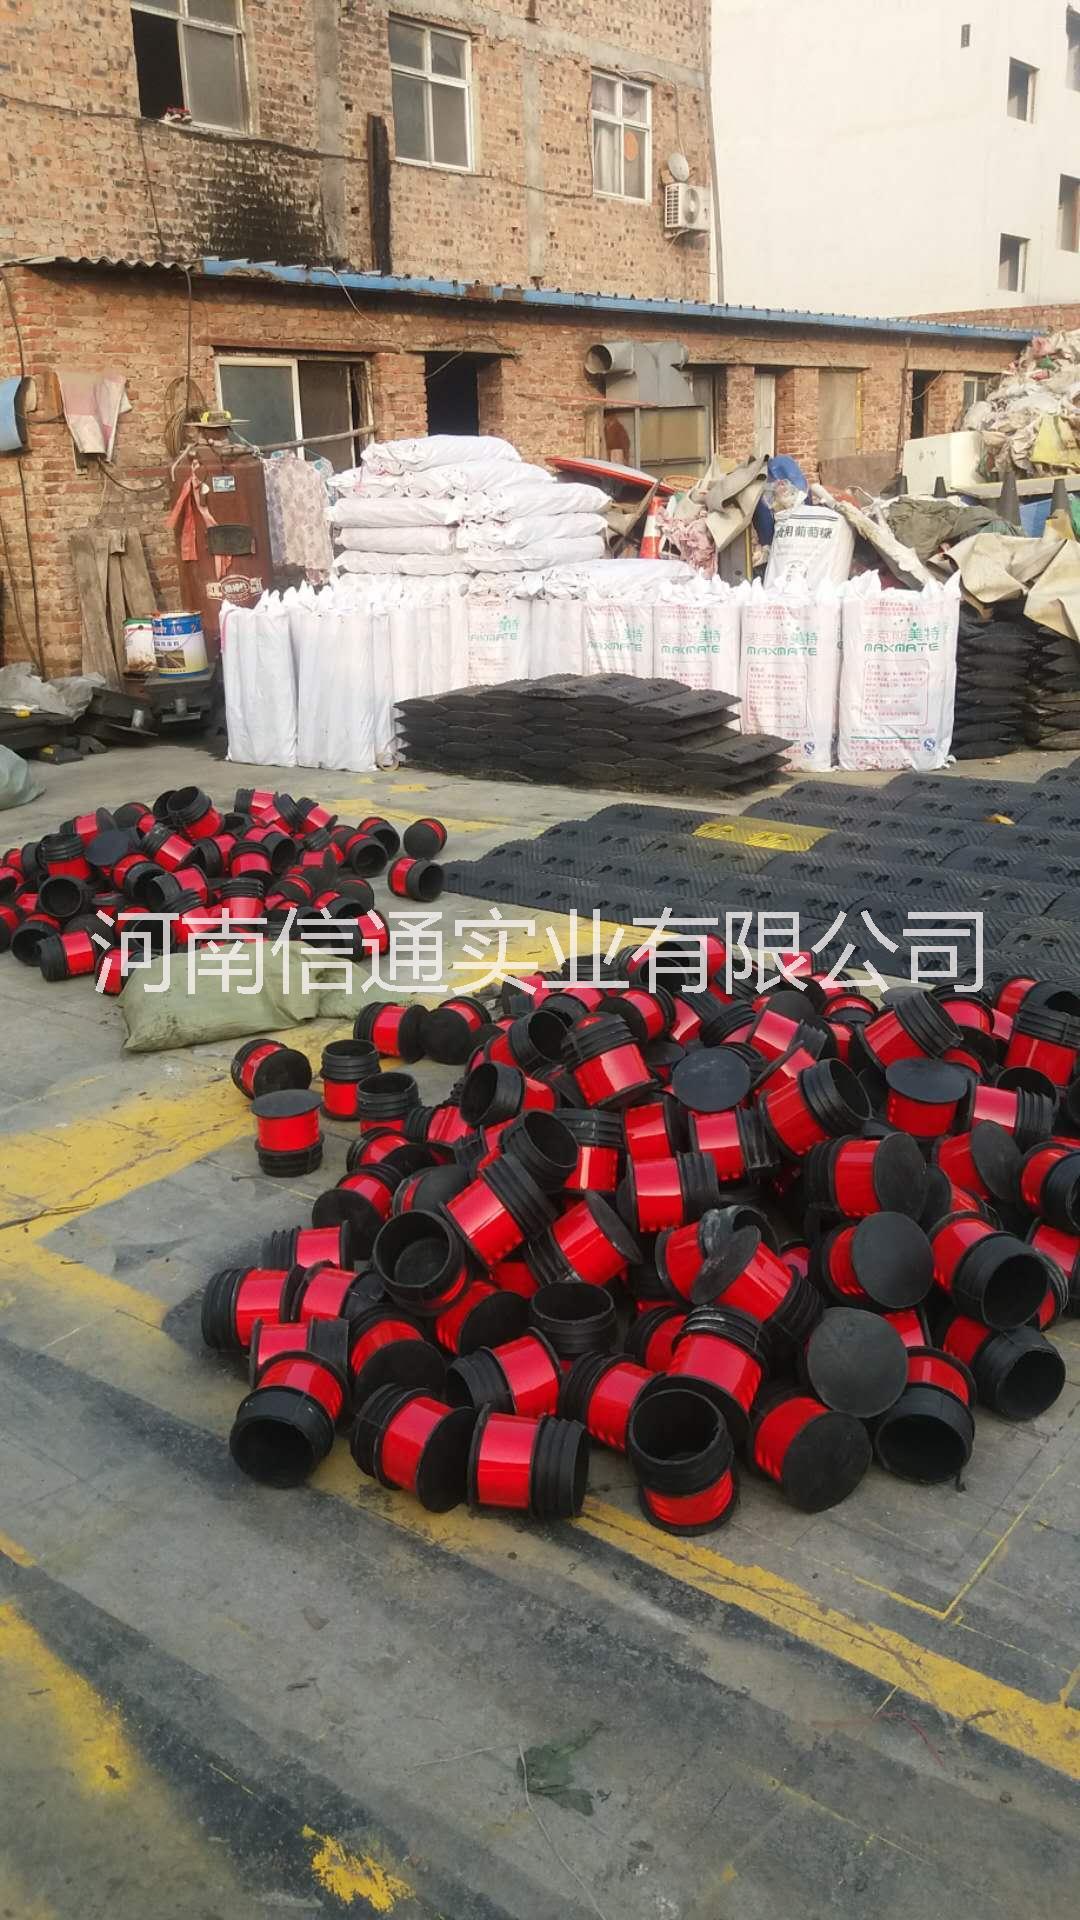 橡胶反光柱帽价格优质橡胶反光柱帽批发橡胶柱帽生产